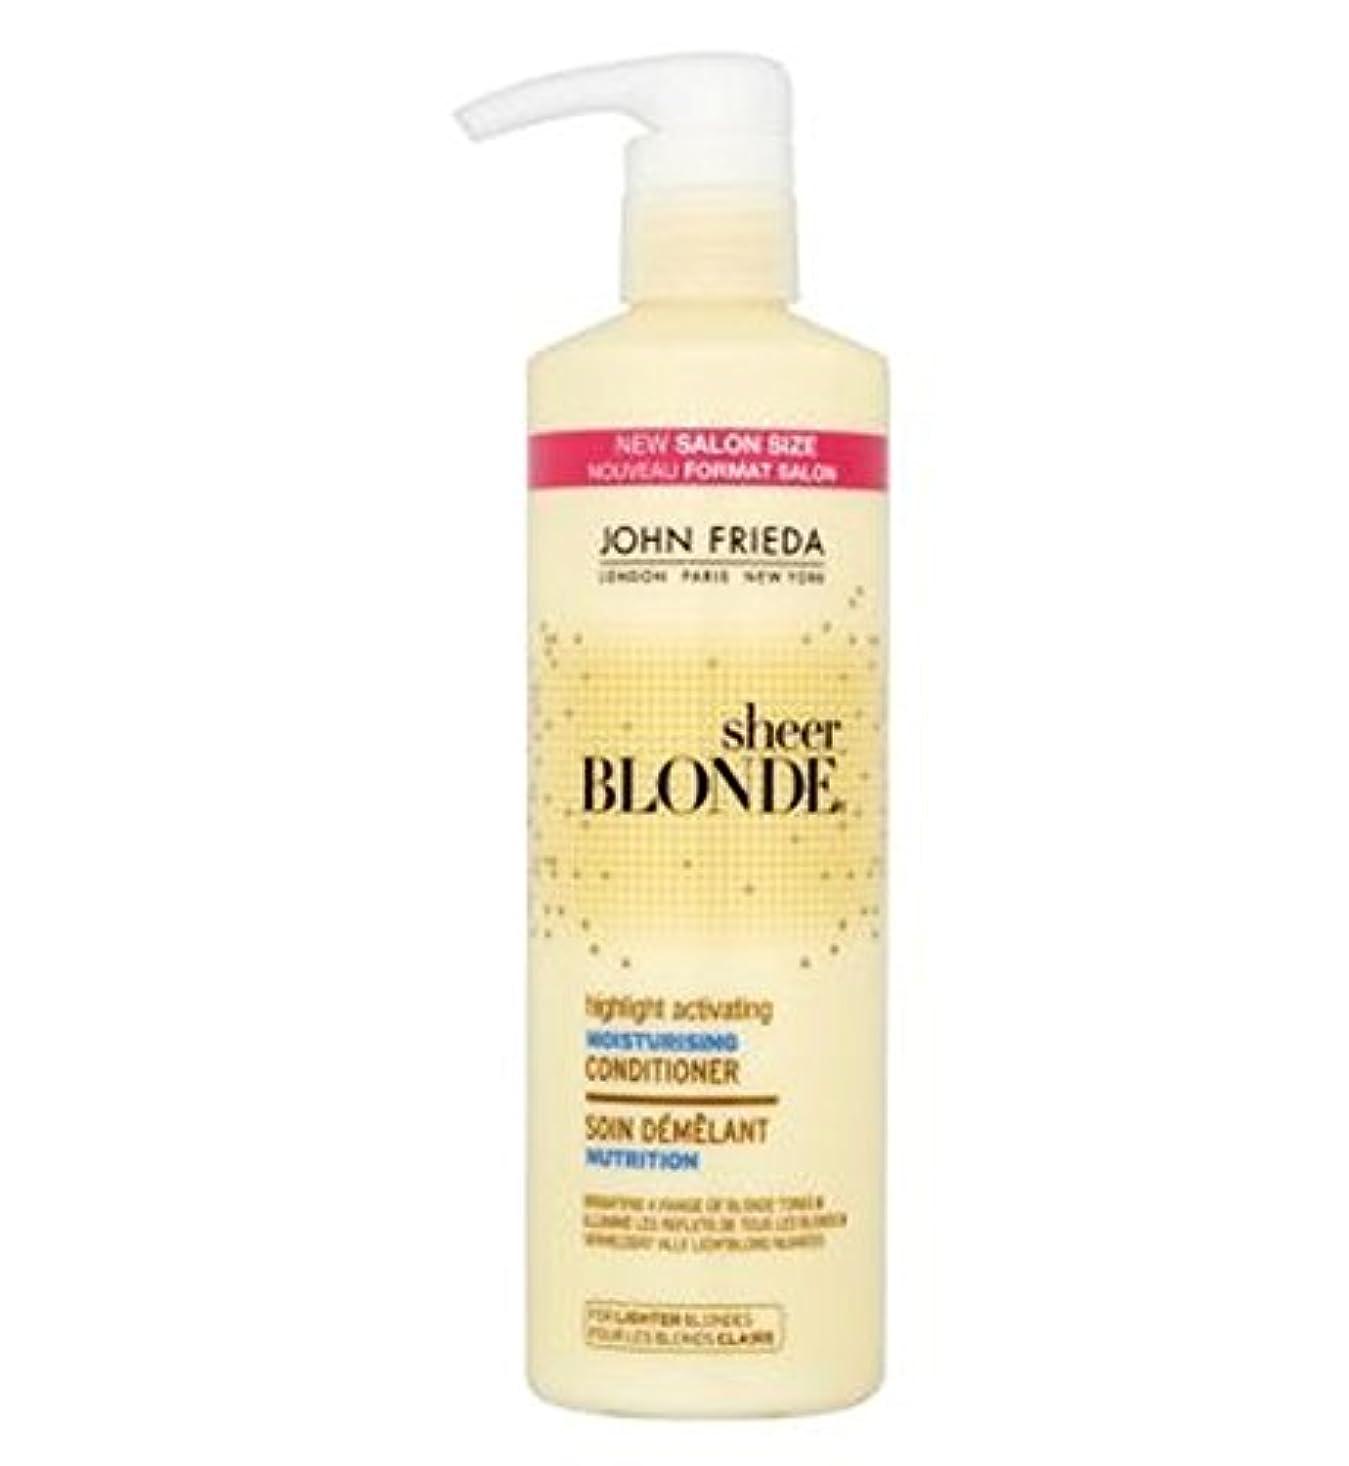 かわす頑張る時系列John Frieda Sheer Blonde Highlight Activating Moisturising Conditioner 500ml - ジョン?フリーダ薄手のブロンドのハイライト活性化保湿コンディショナー...